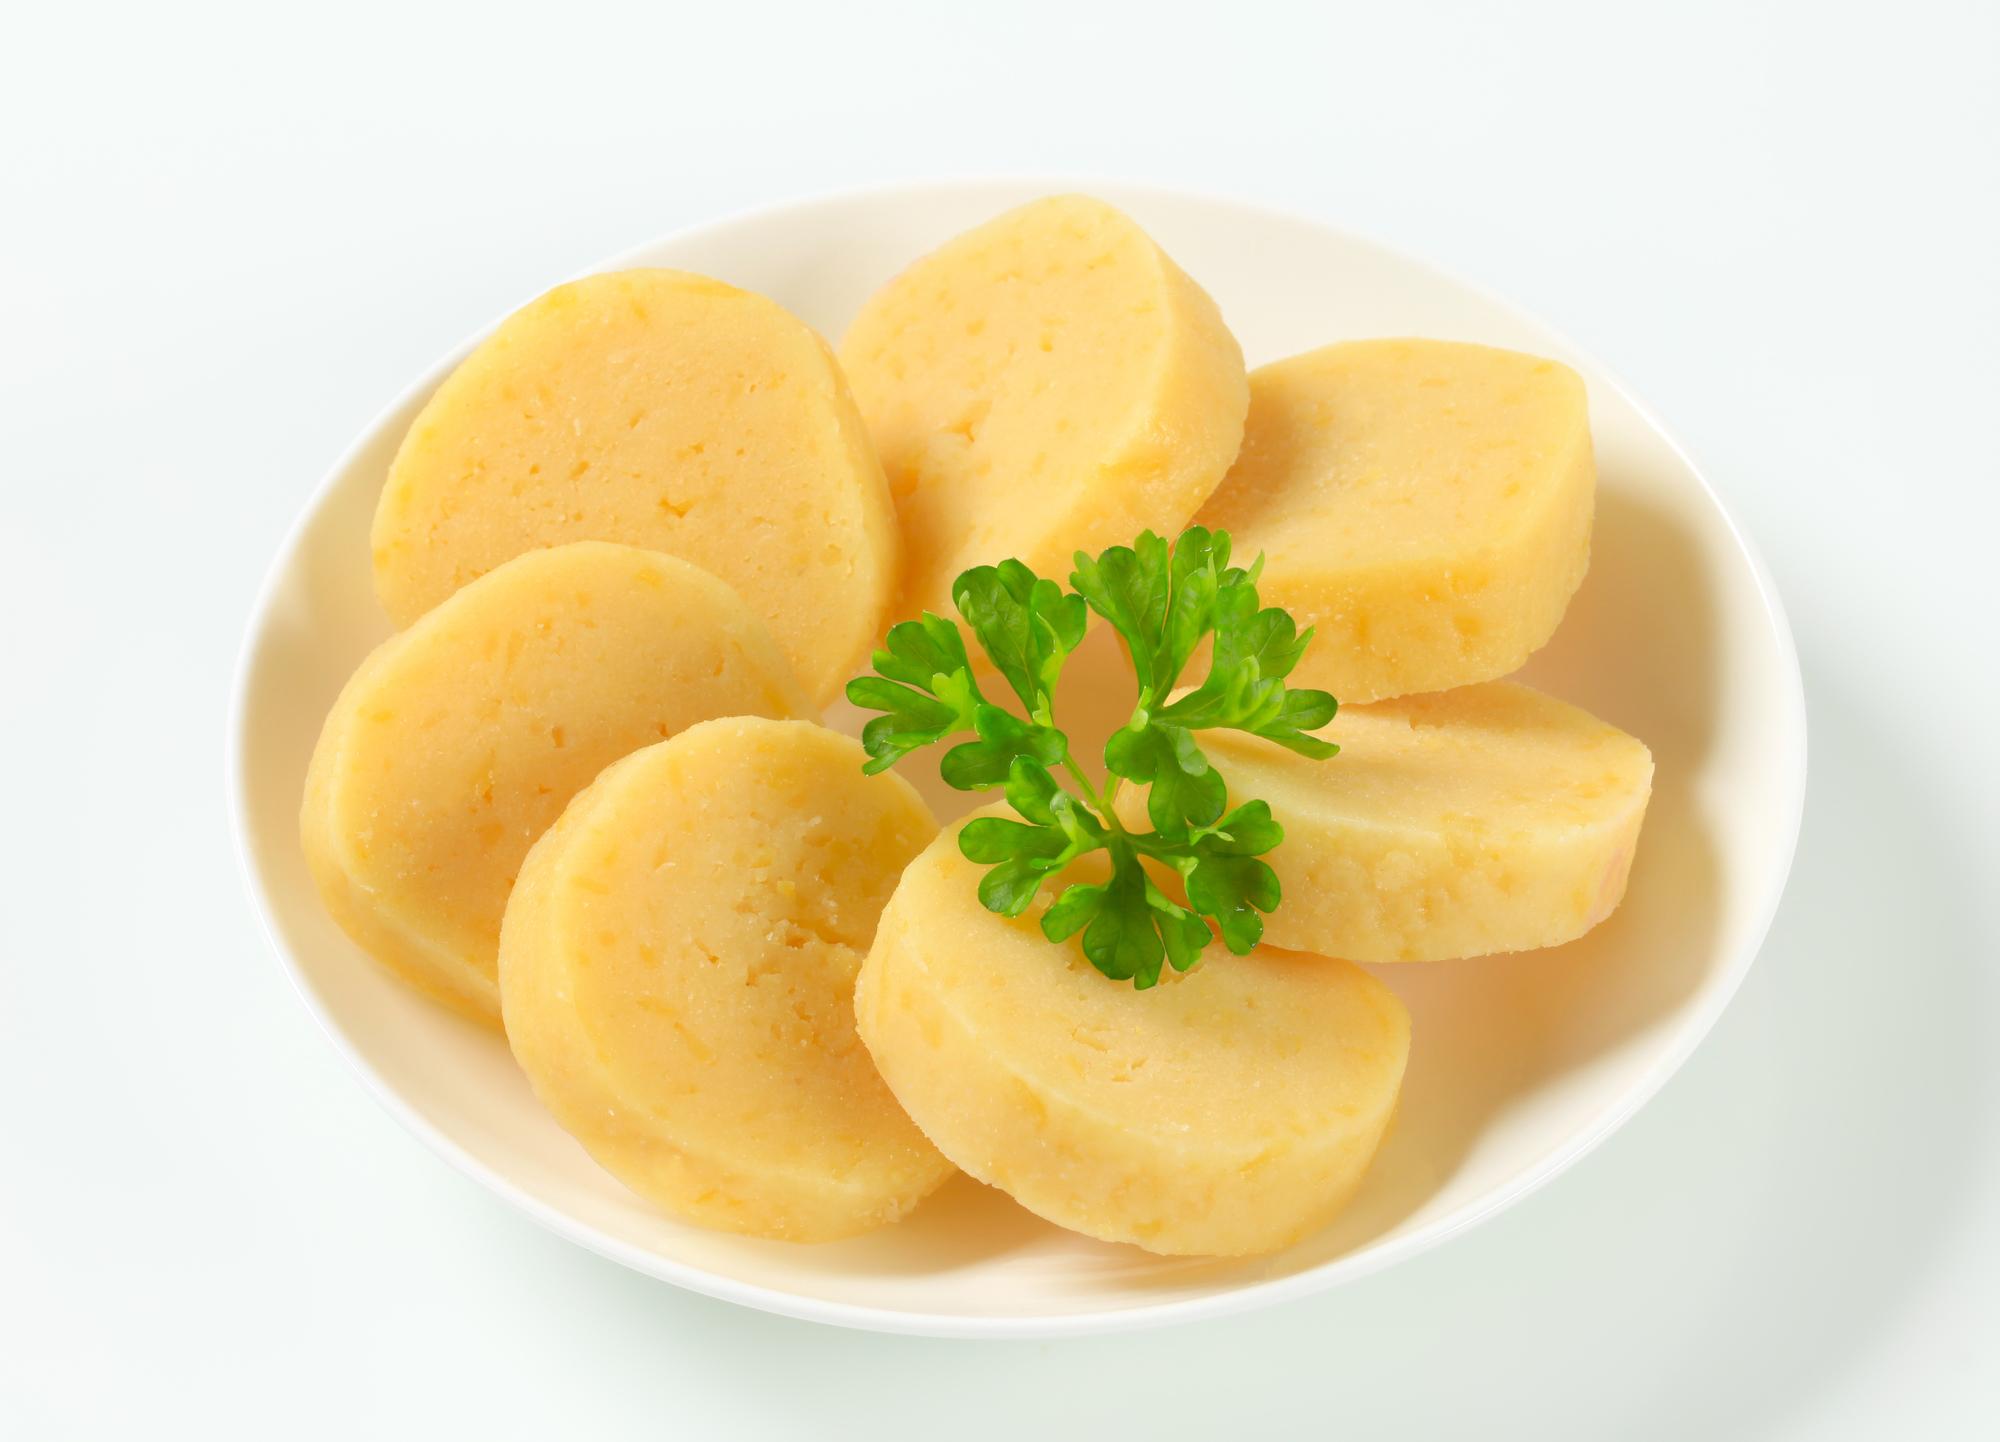 Babiččiny bramborové knedlíky recept